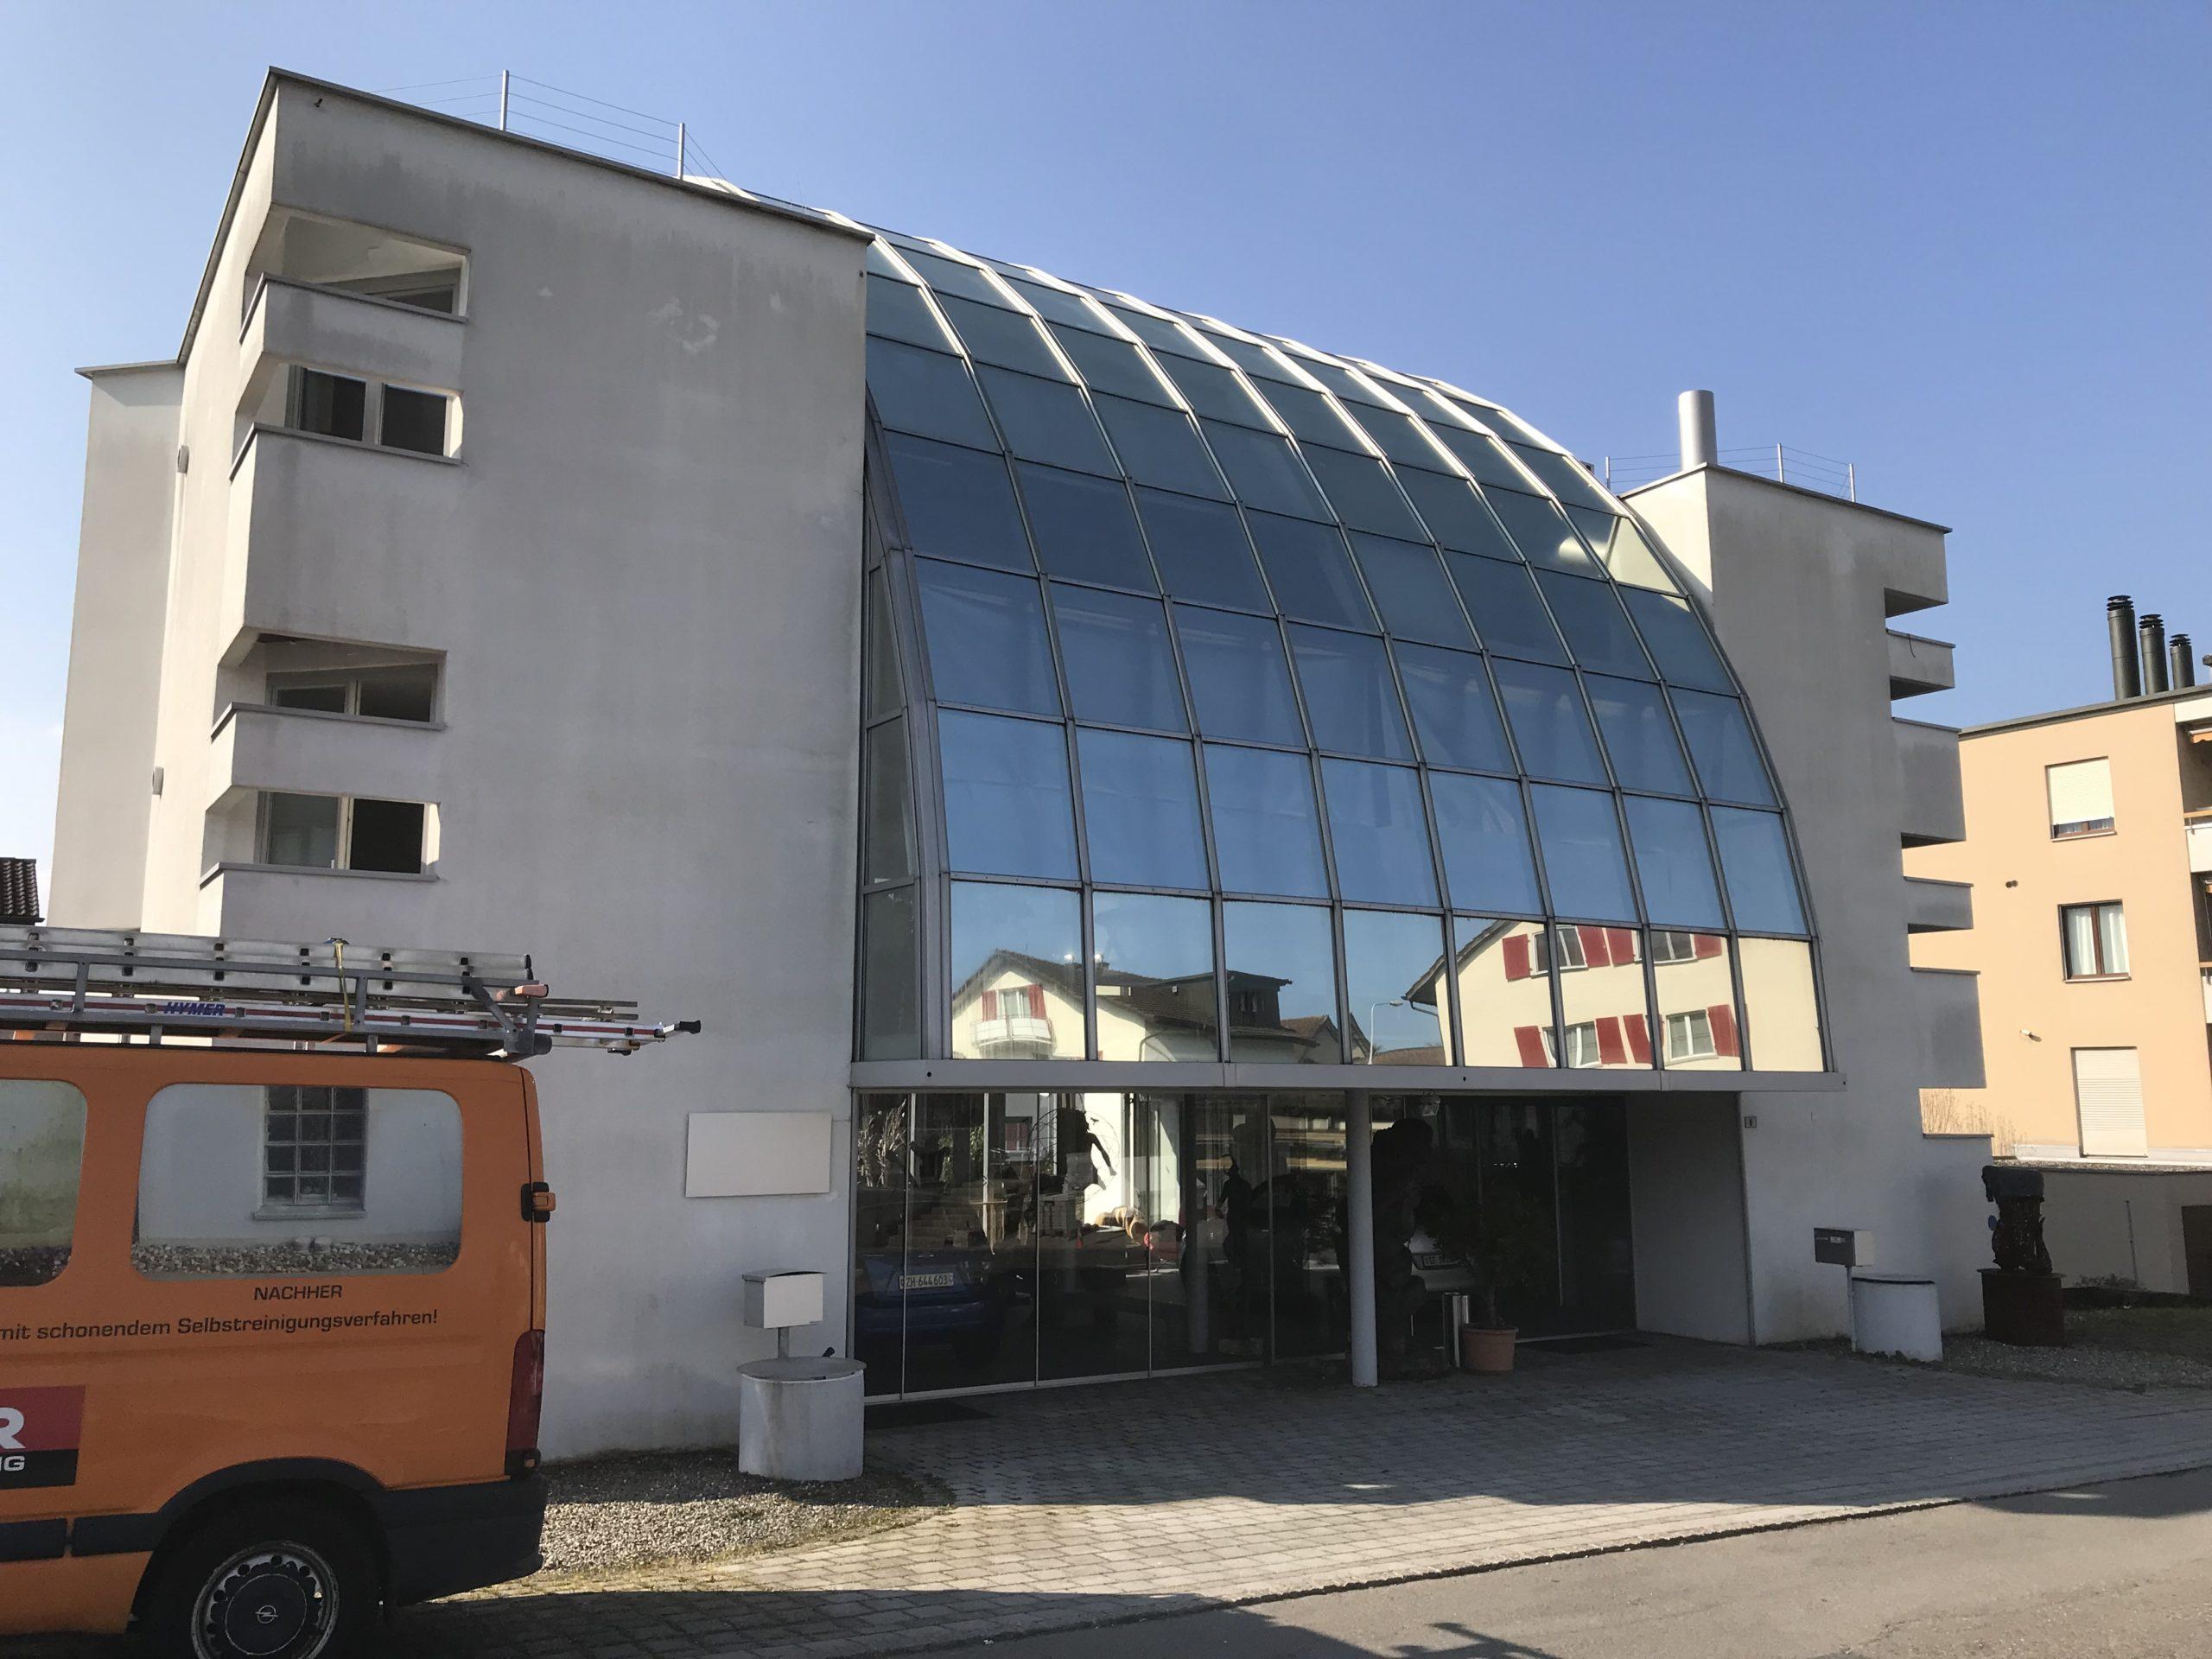 https://www.koster-gs.ch/wp-content/uploads/2021/07/Reichmuth-1-Fassade-Ost-vorher-scaled.jpg